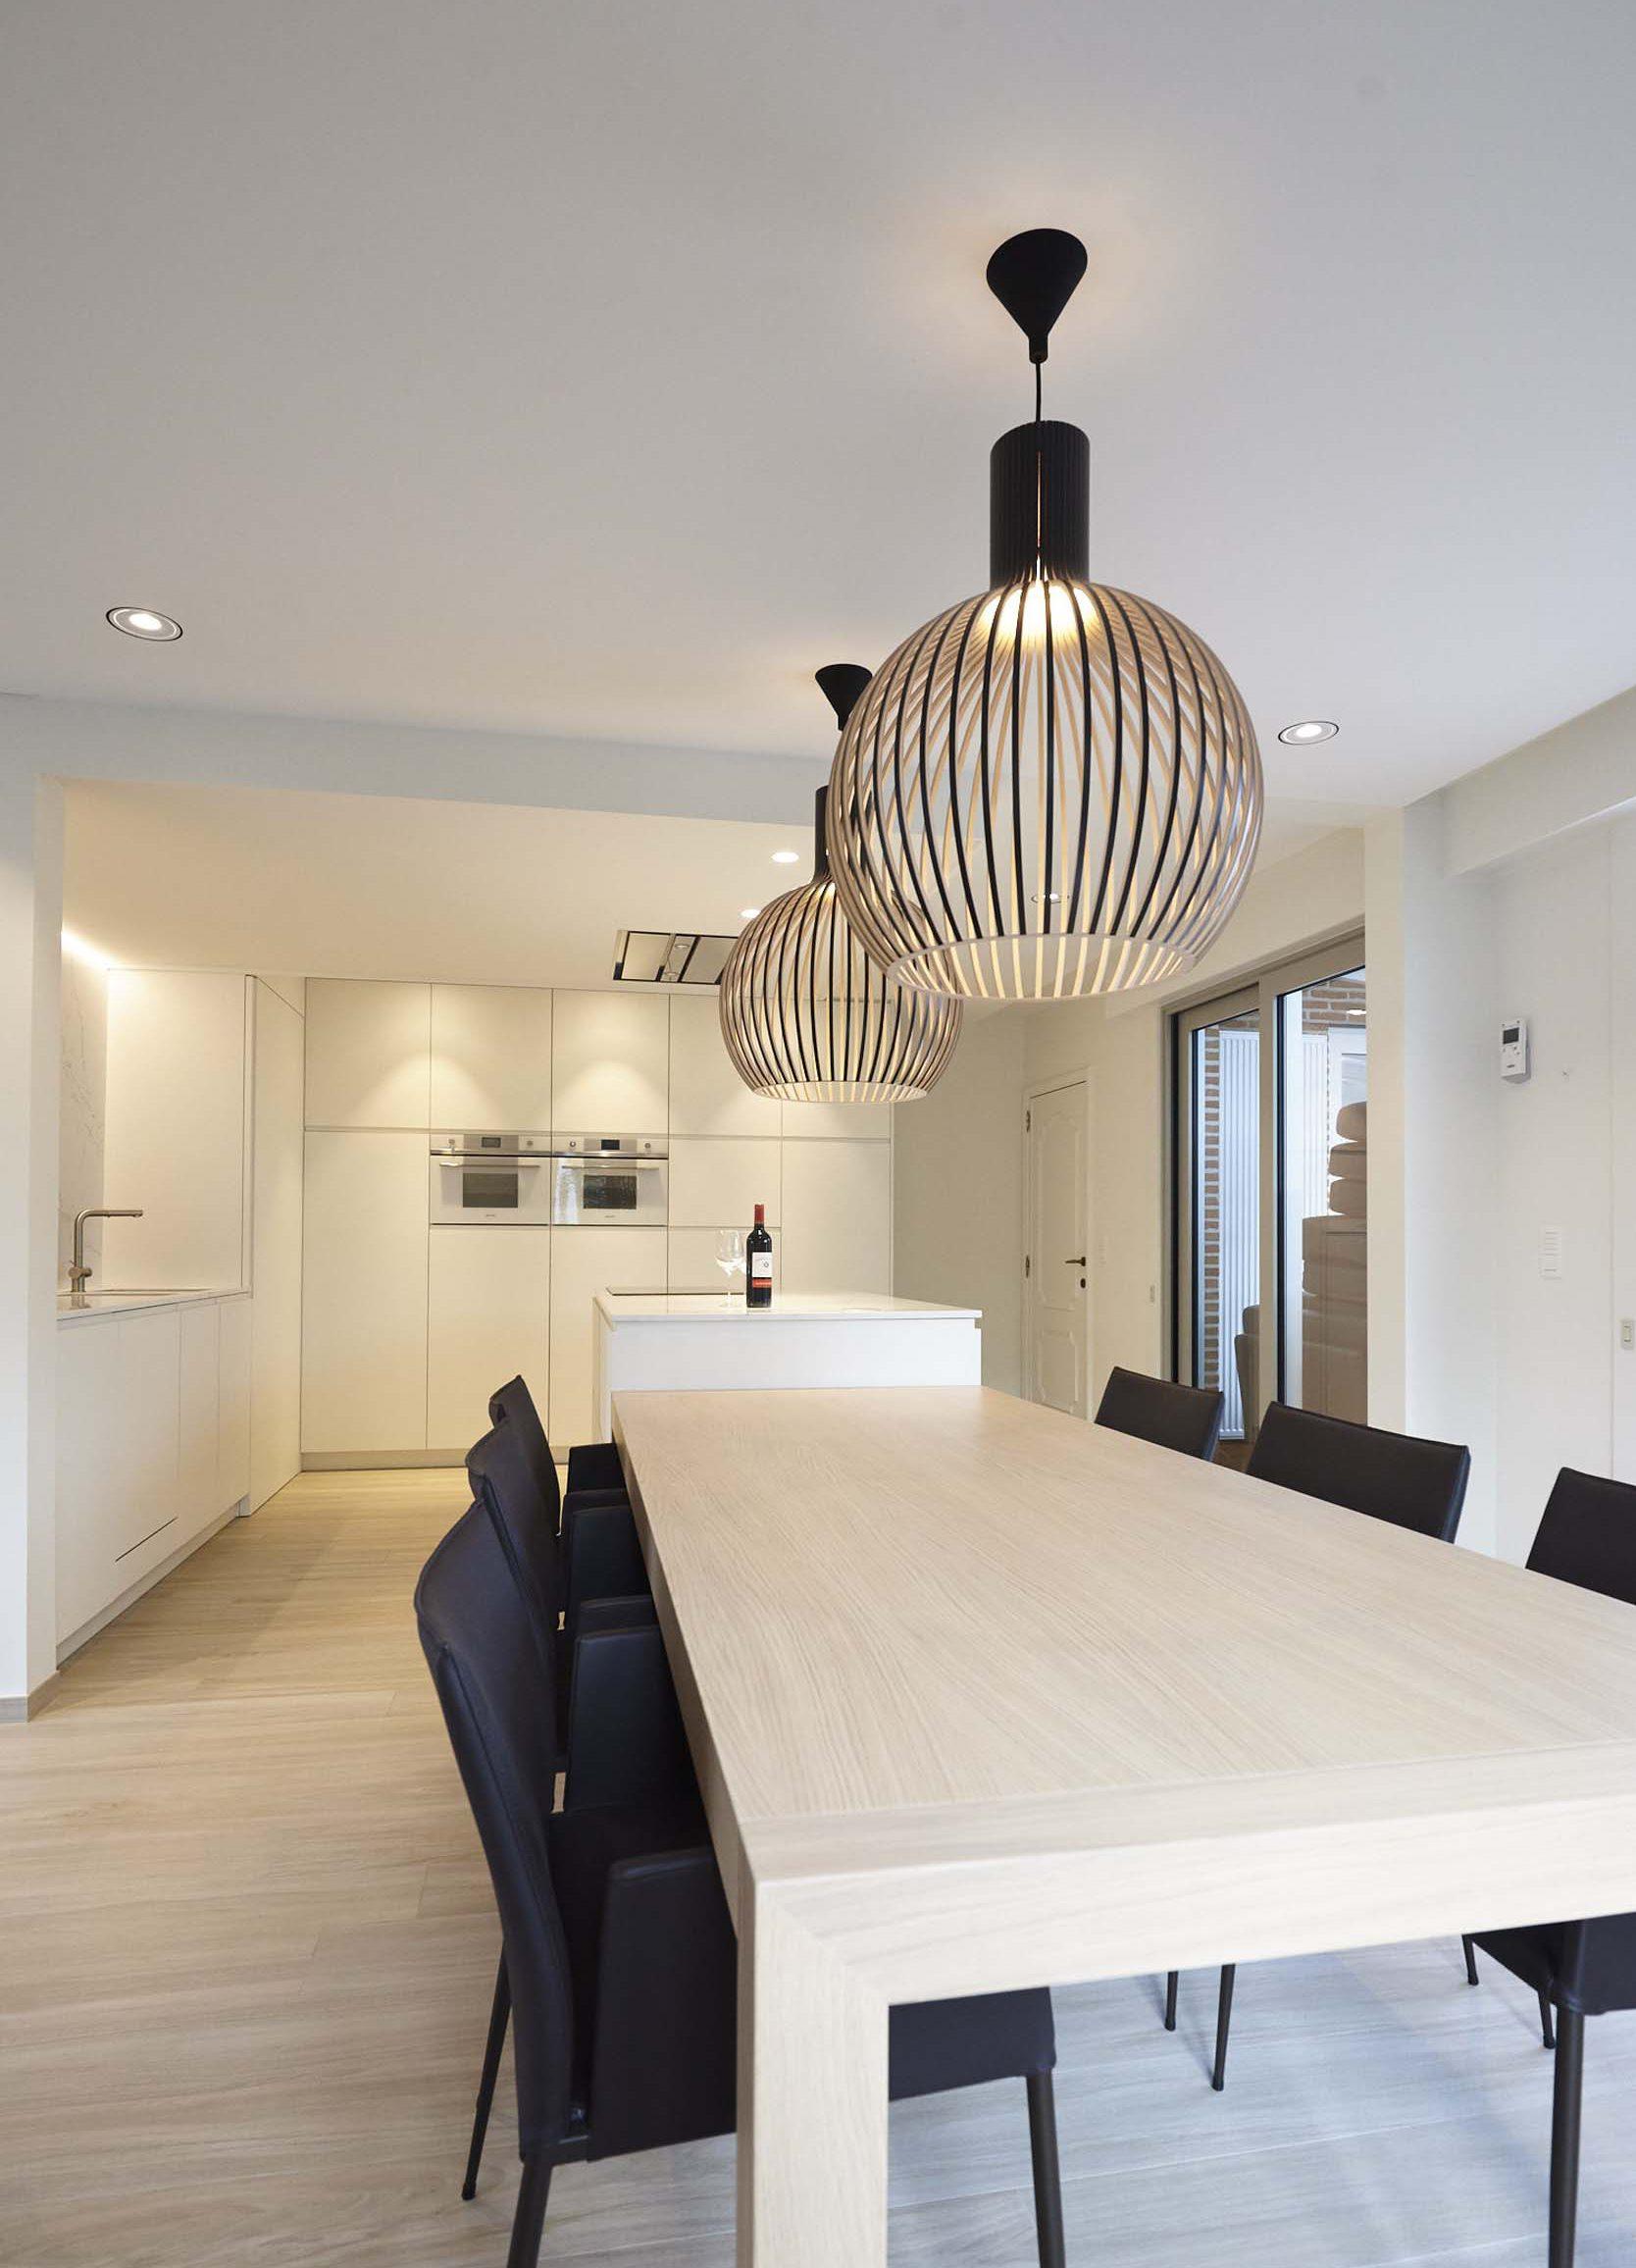 Vanda-projects-interieurinrichting-meubelmakerij-oost-vlaanderen-verstraete-tielt-lamp